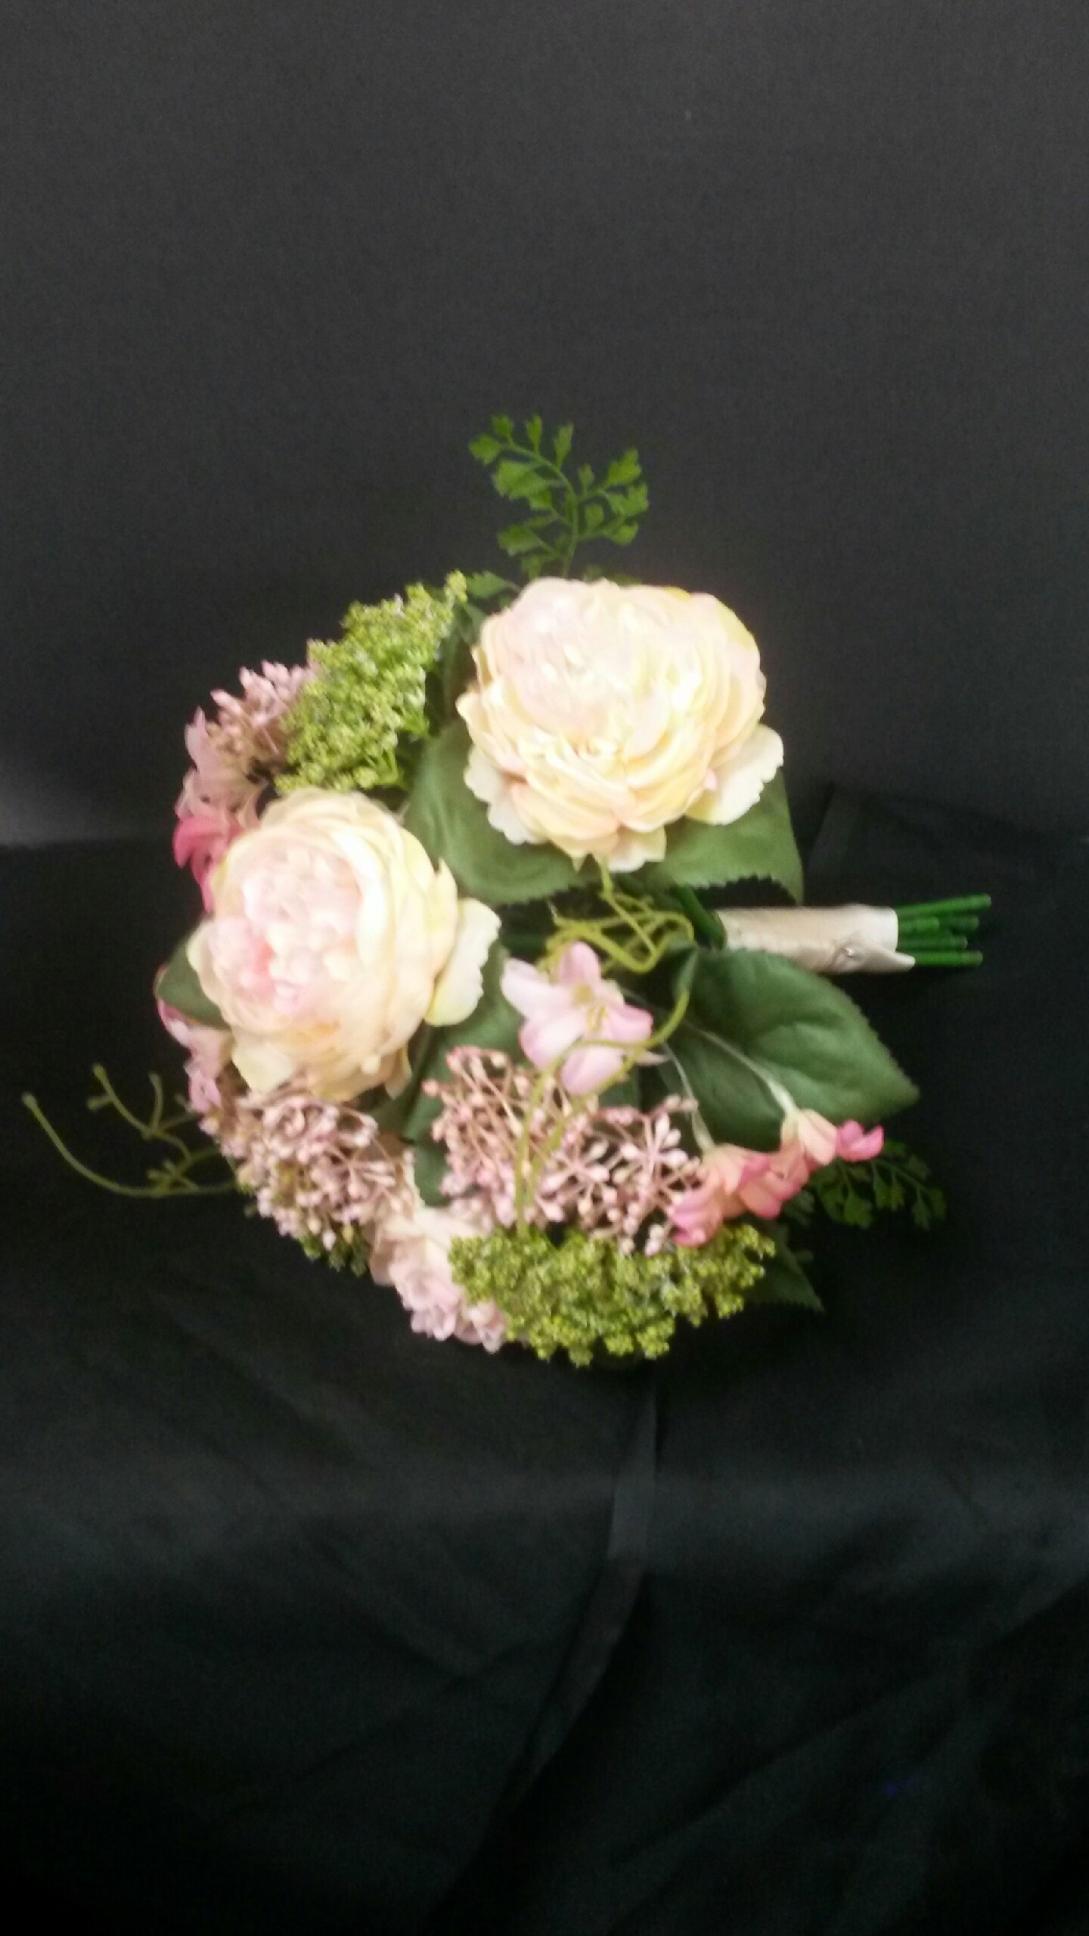 Silk flower bouquet upstate flower market silk flower bouquet izmirmasajfo